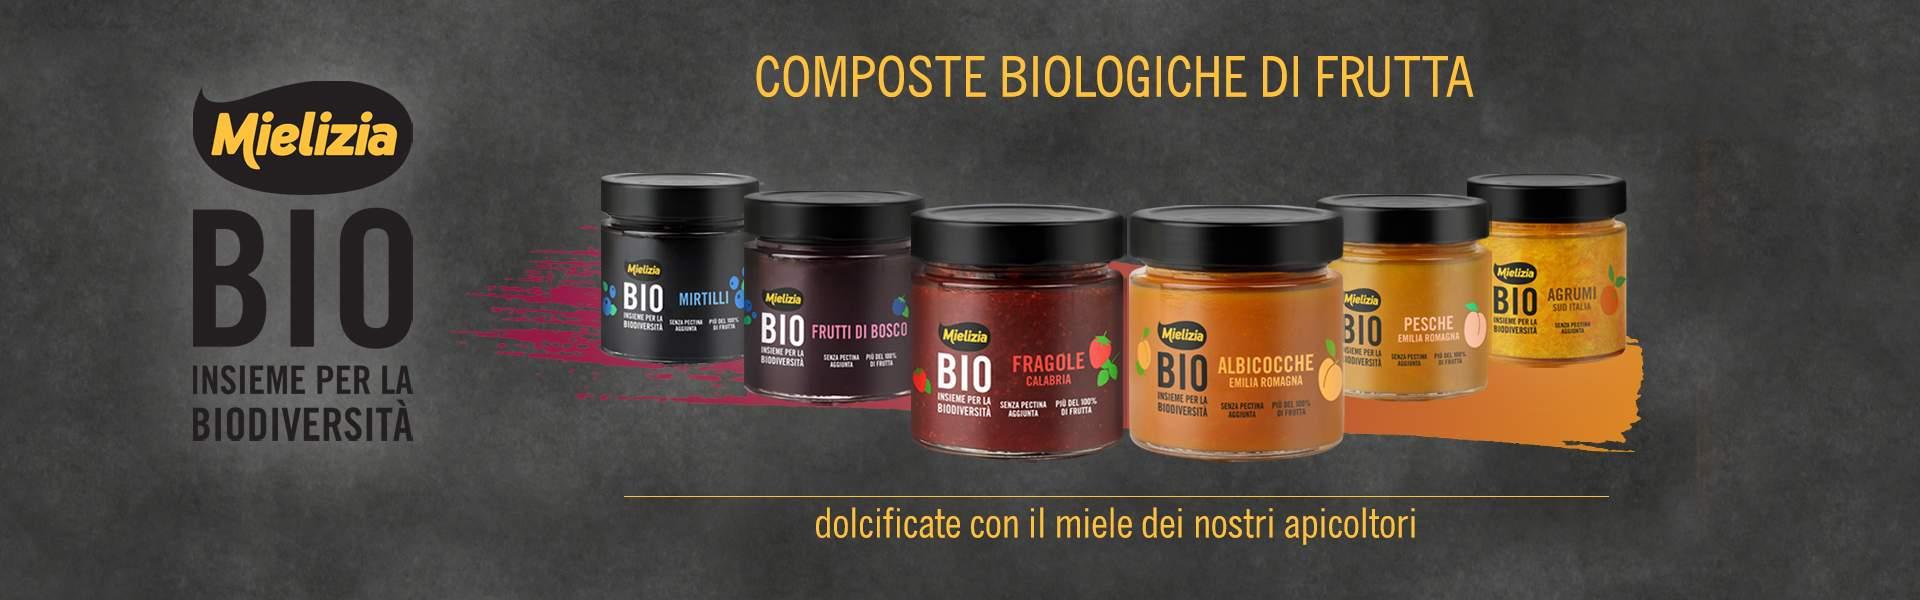 Composte di frutta biologica con miele italiano - Acquista Mielizia online